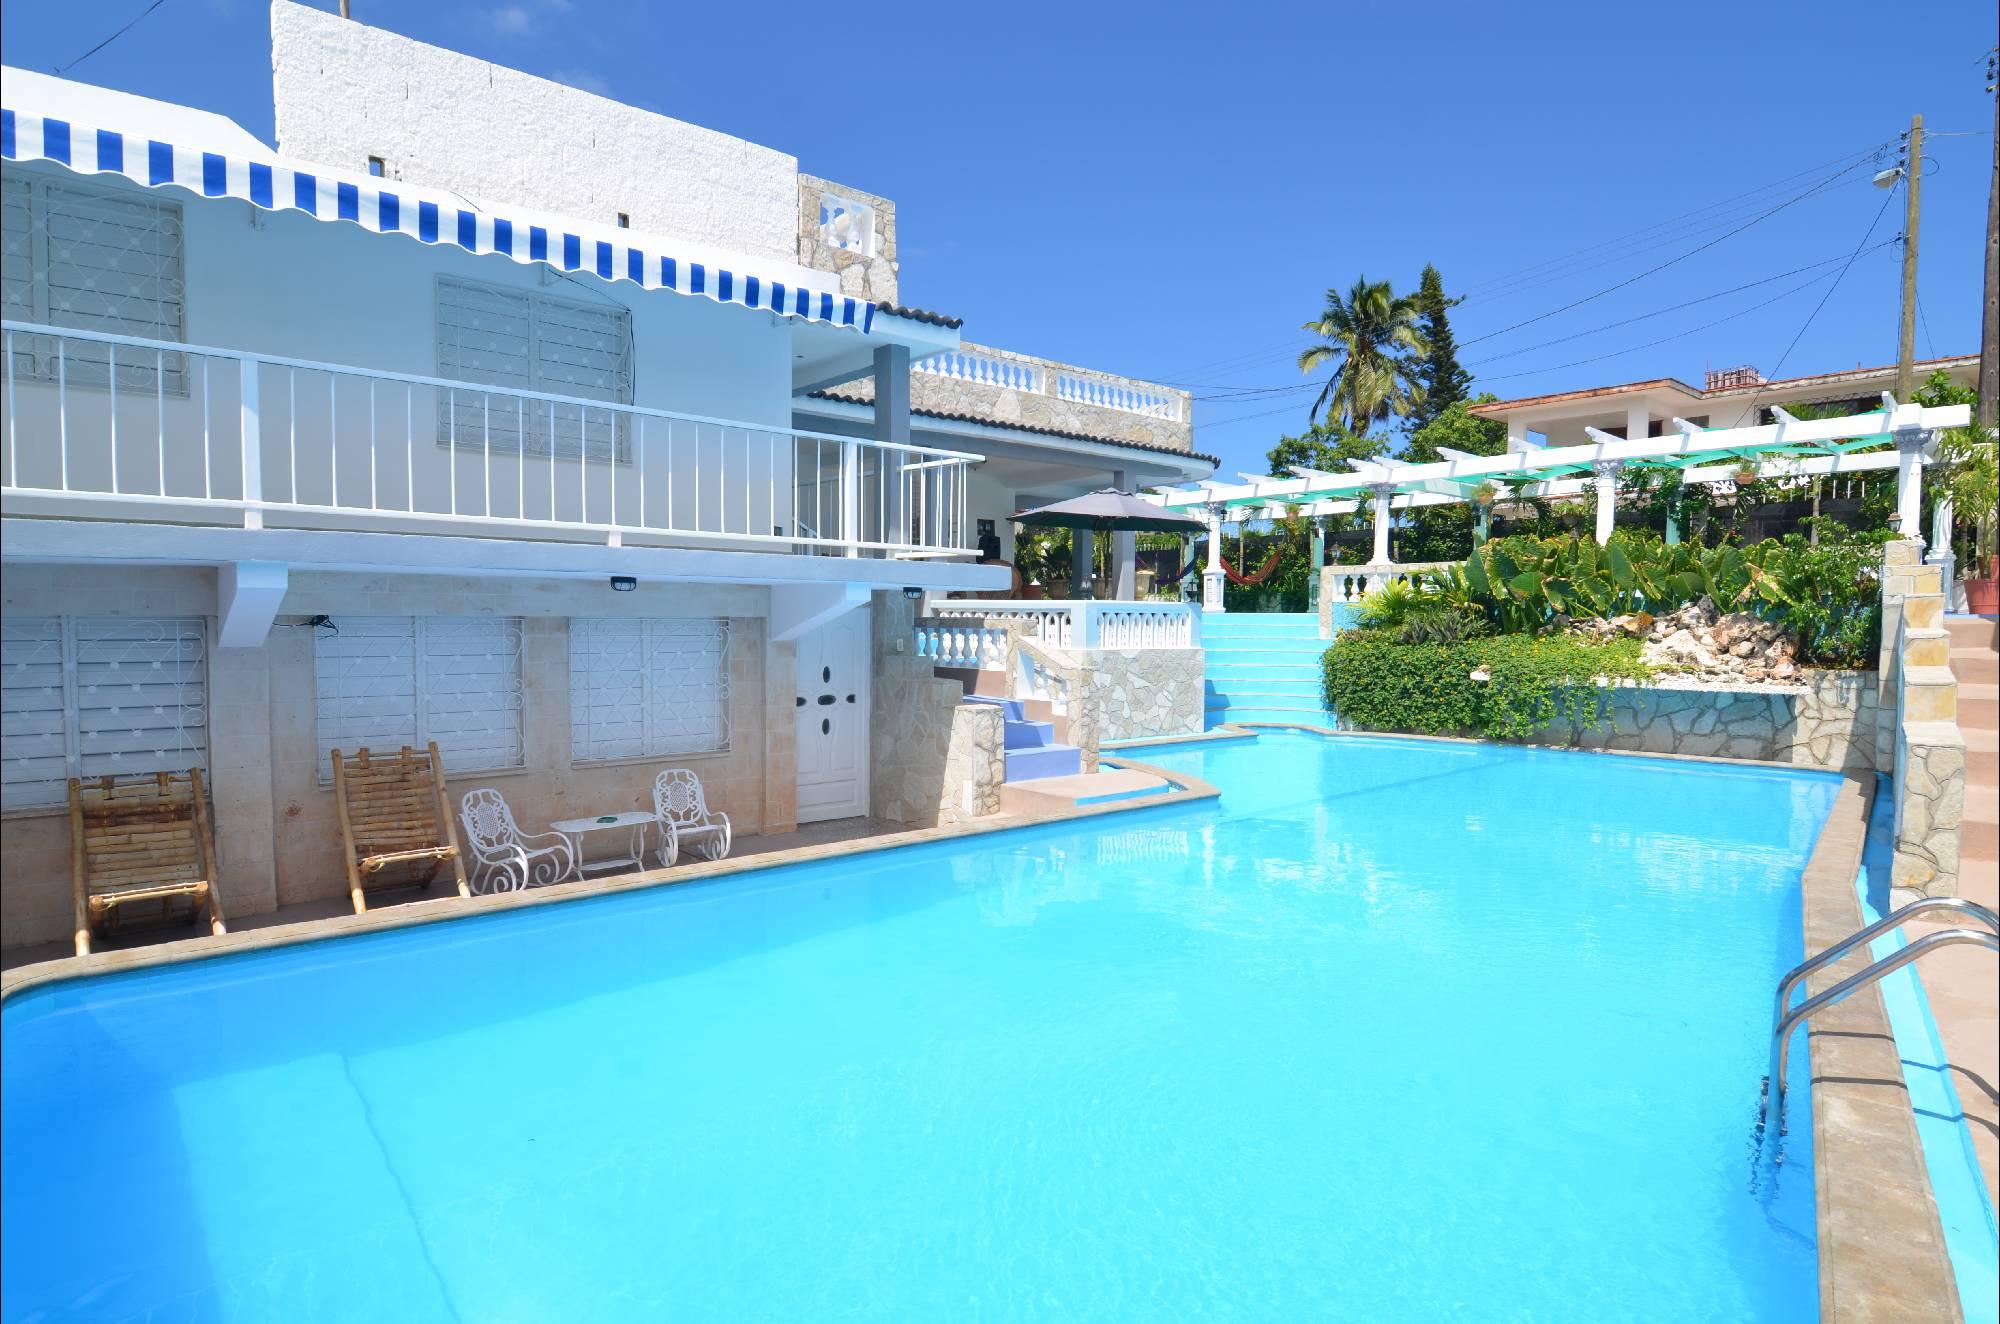 Hostal la pimienta habana del este schwimmbad for Casas con piscina barcelona alquiler